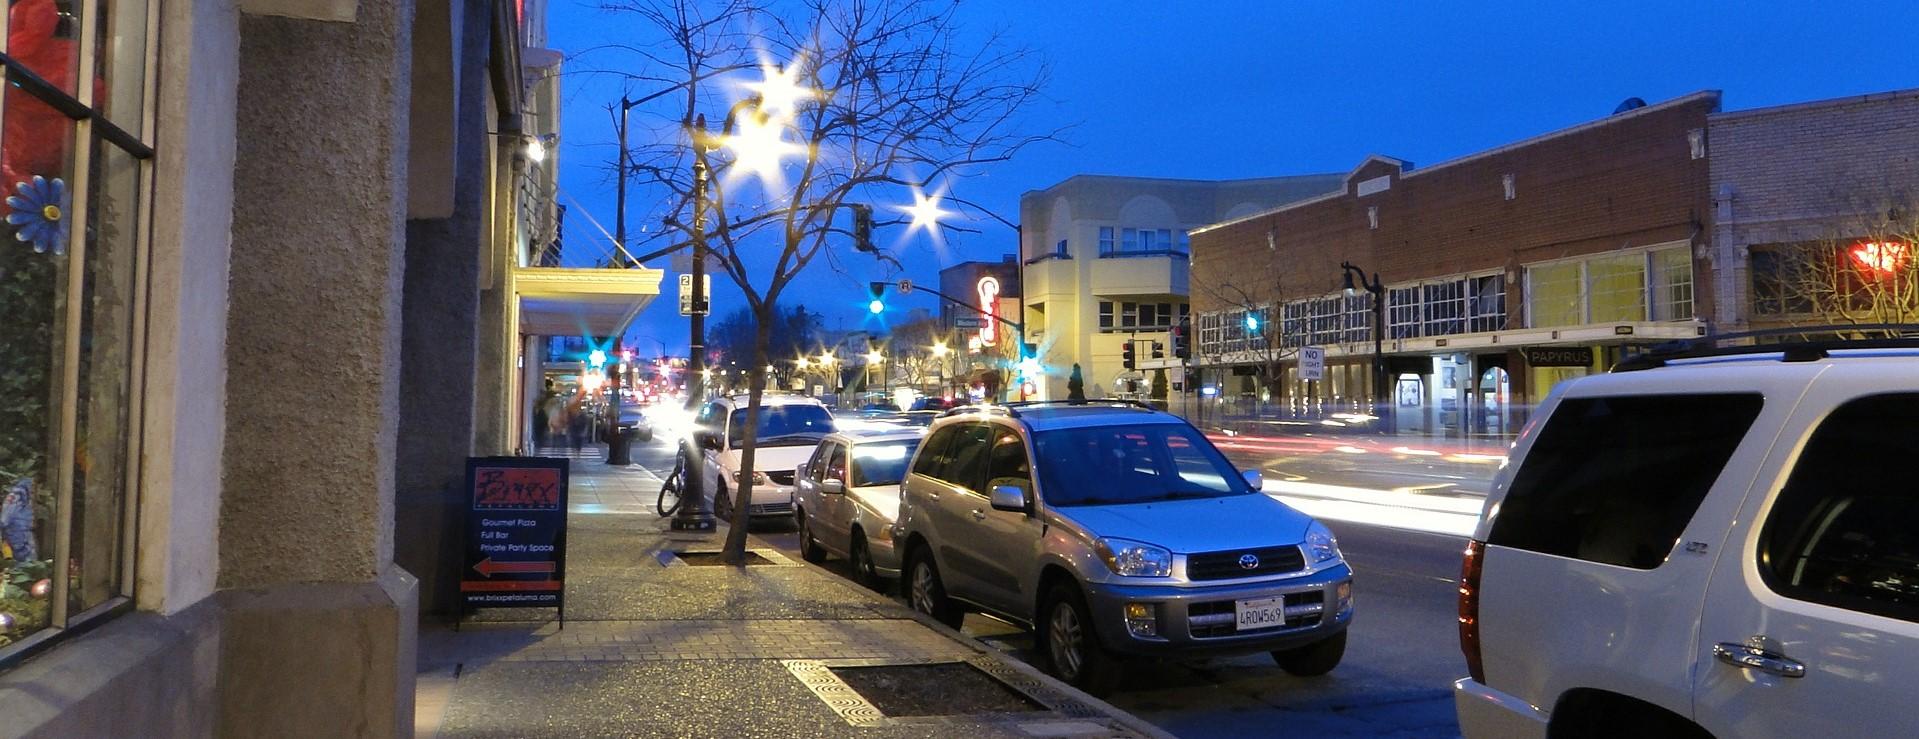 Downtown Petaluma California | Breast Cancer Car Donations